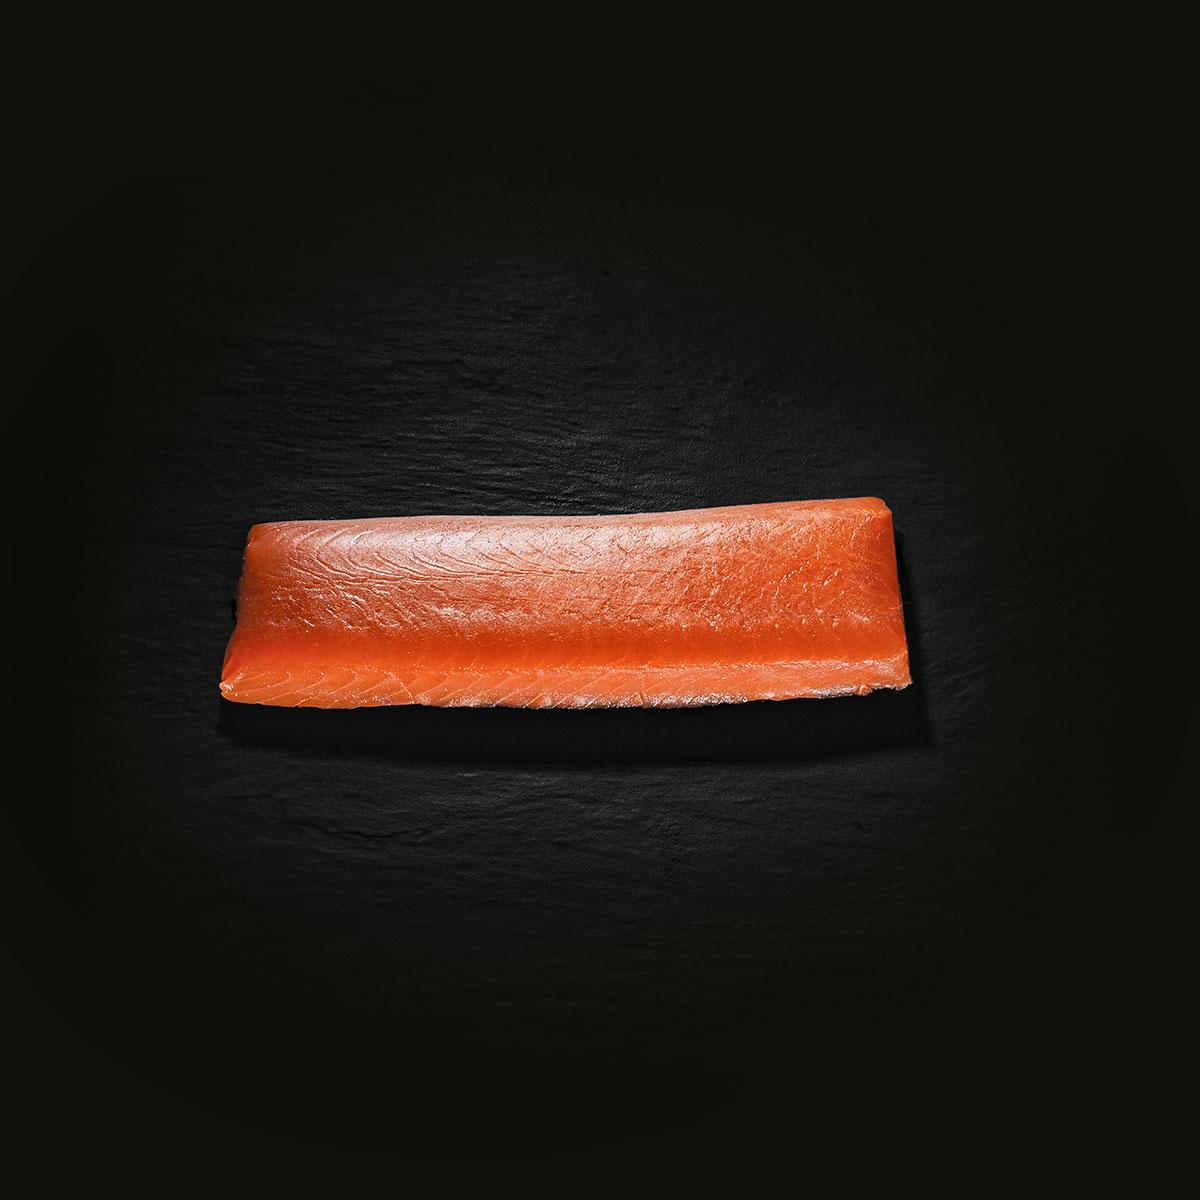 Cuore di filetto 180 g